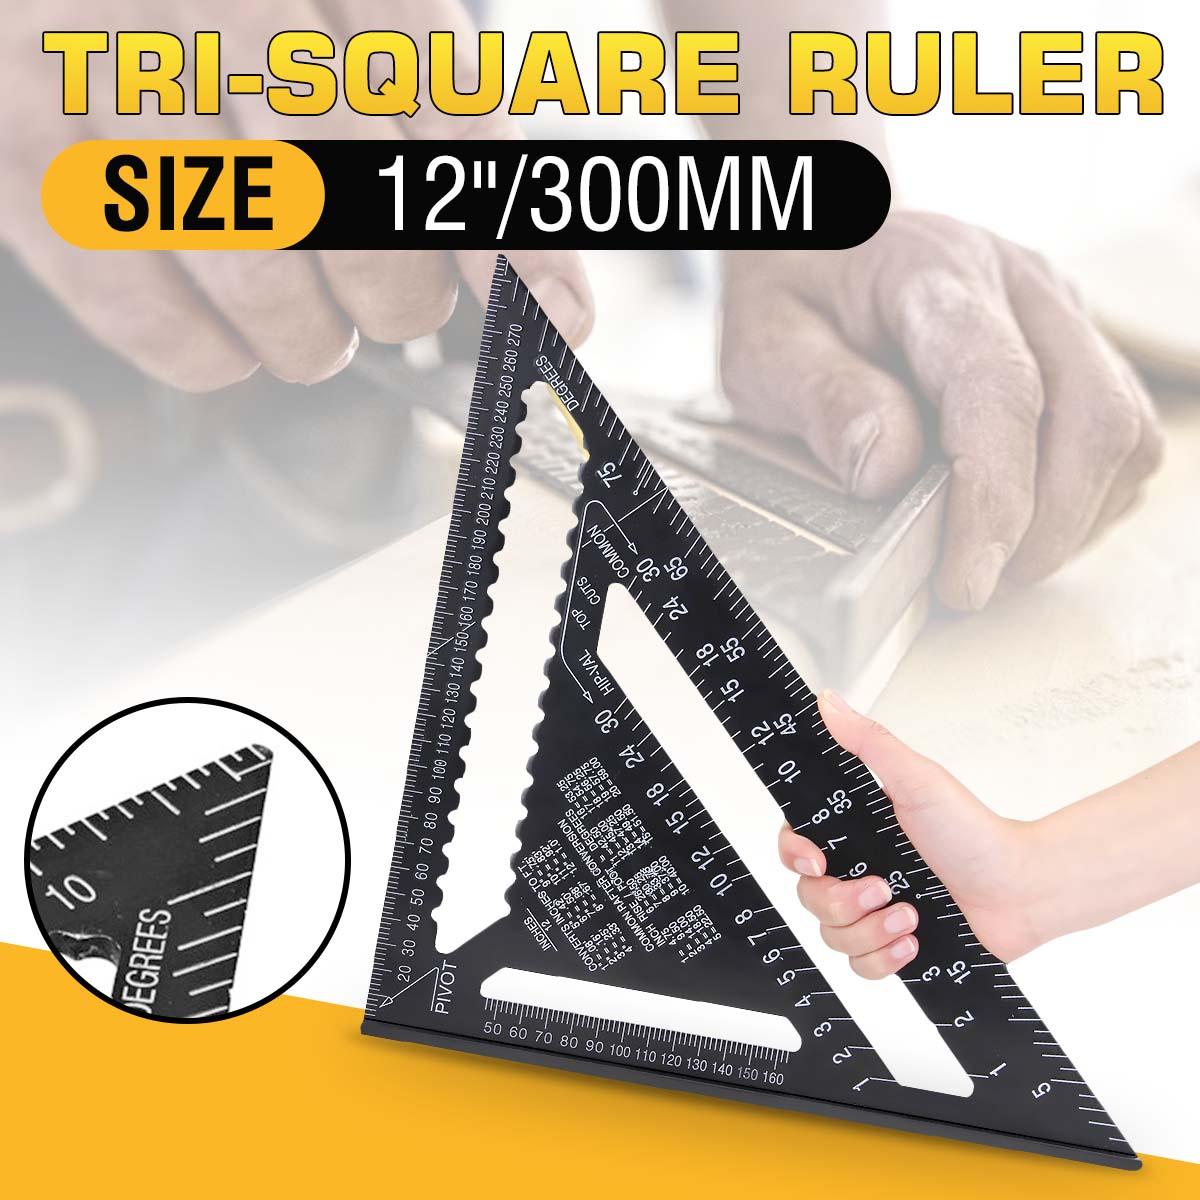 30 cm ensemble Aluminium règle carrée 12 protracteurs Rafter Angle cadre mesure charpentier mesure menuiserie règle triangulaire